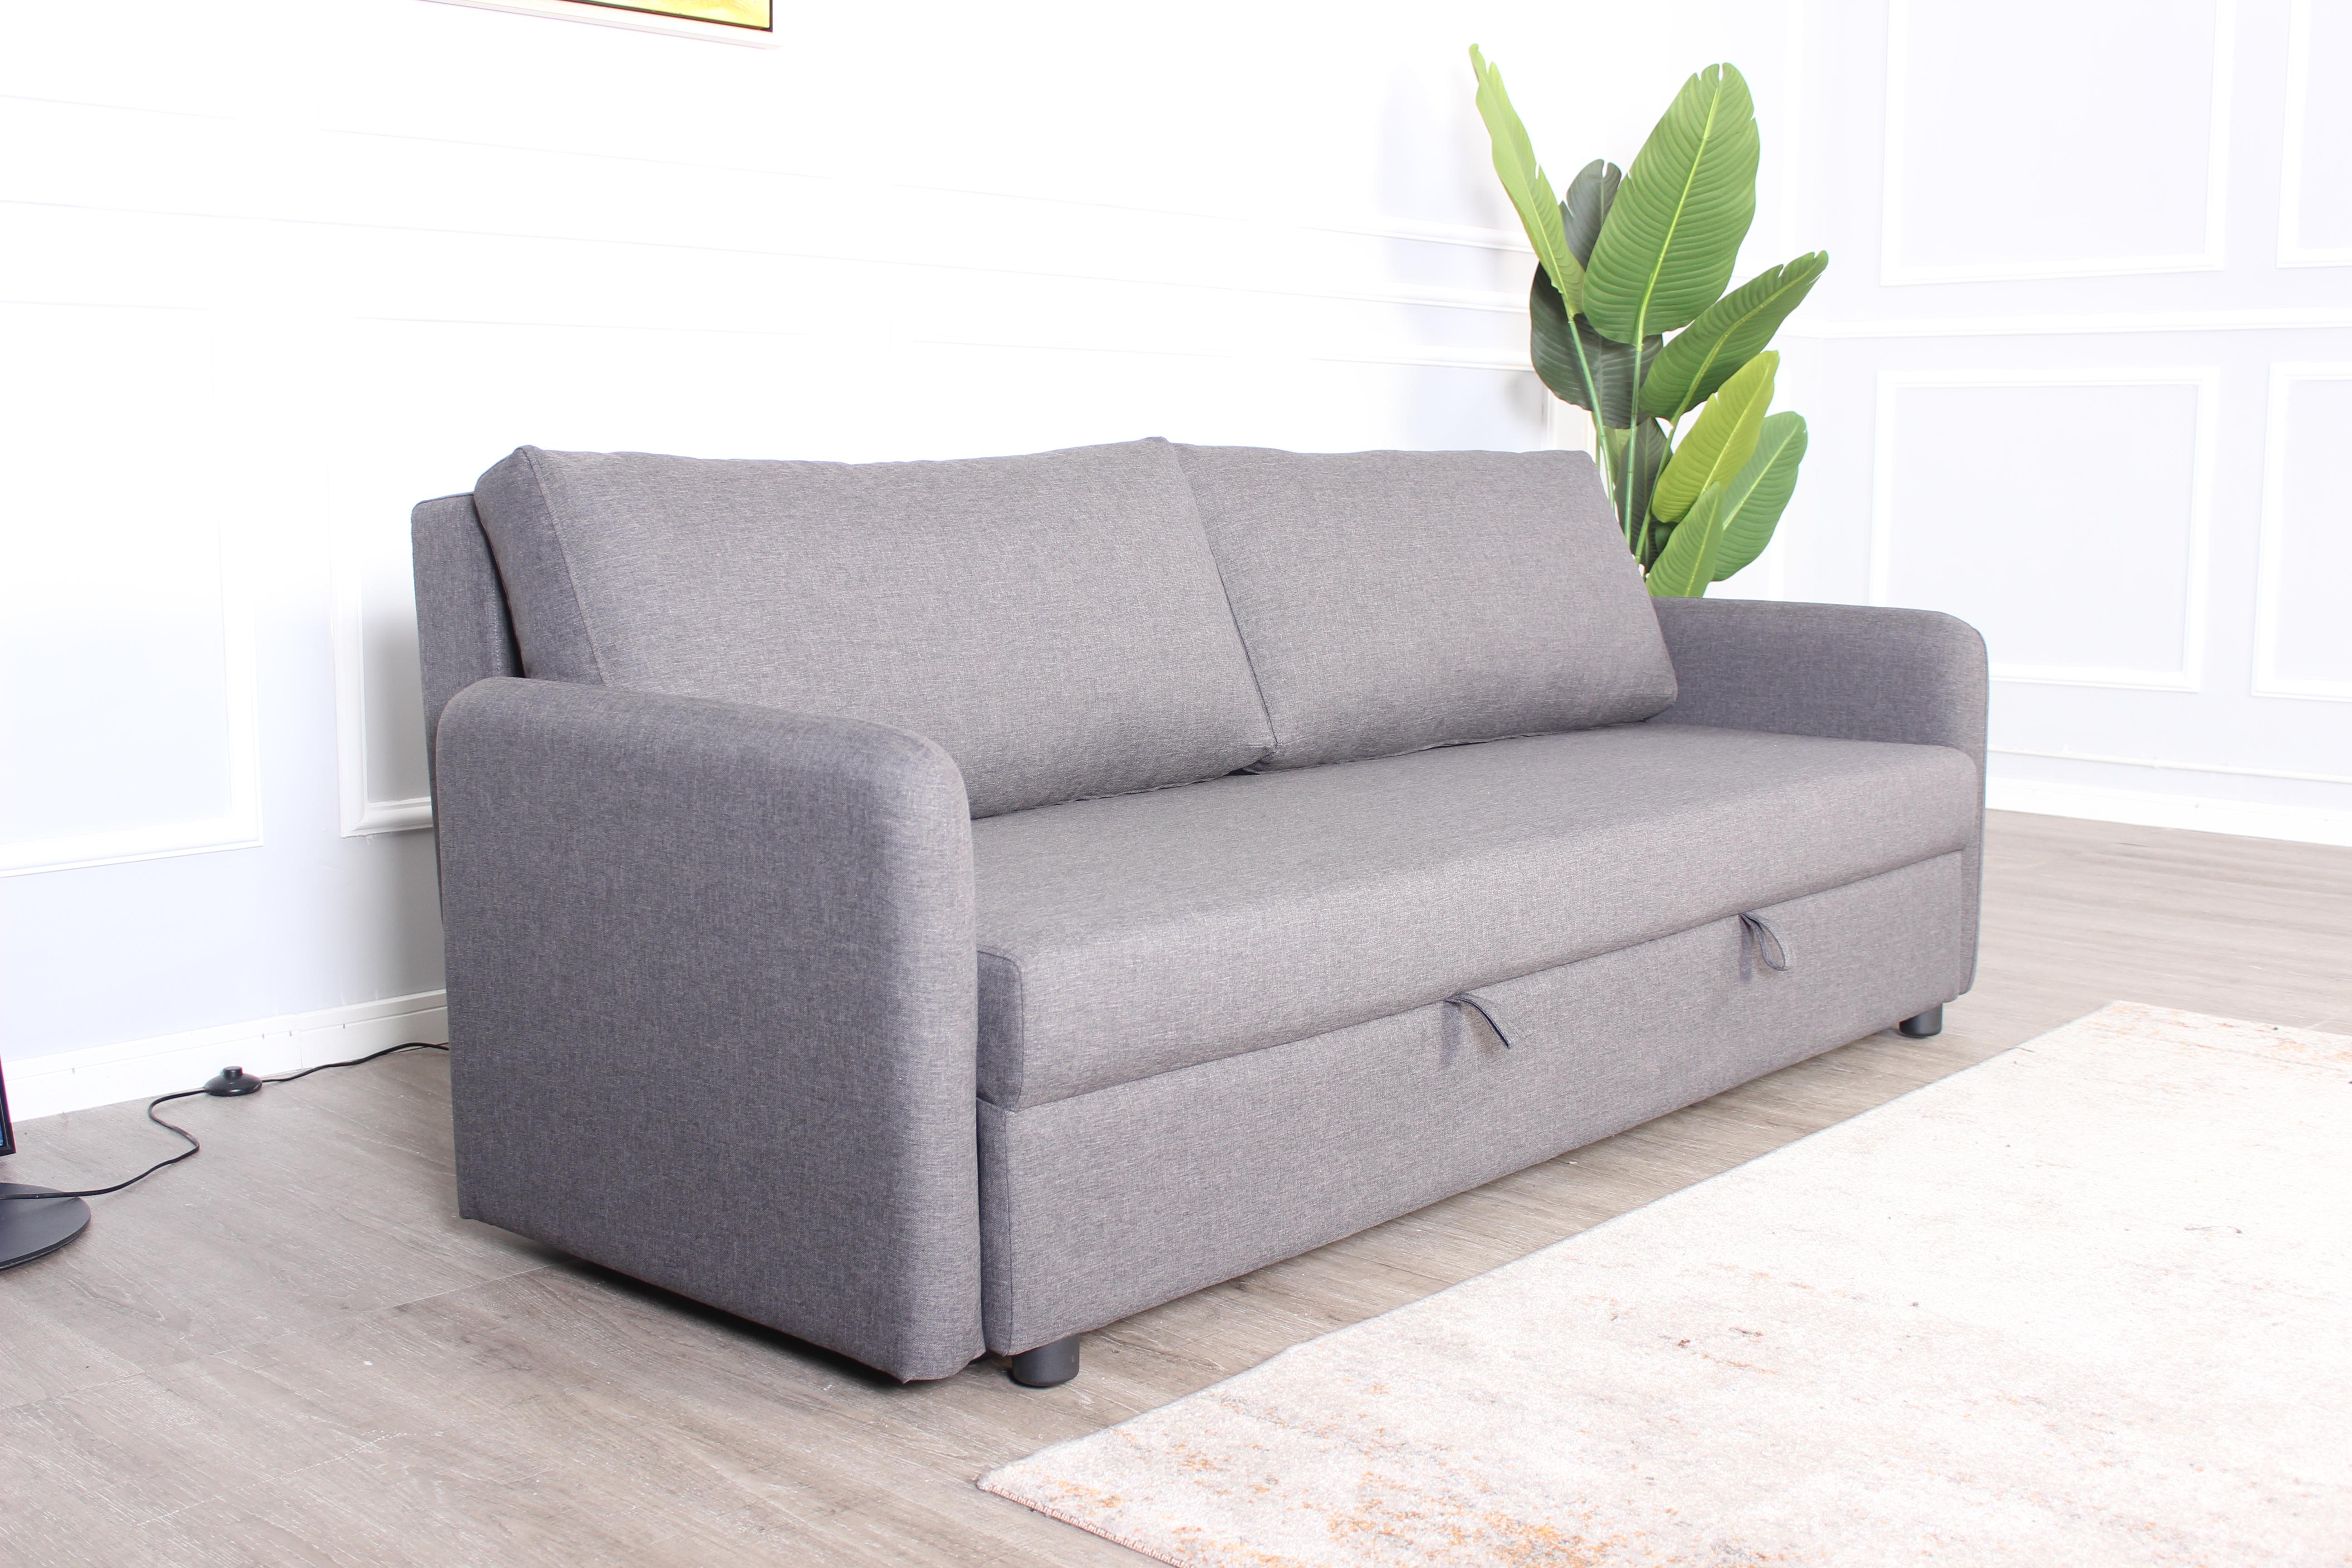 Sofa giường 3S STELLA, vải polyester màu xám, chân gỗ tự nhiên dạng ghế sofa